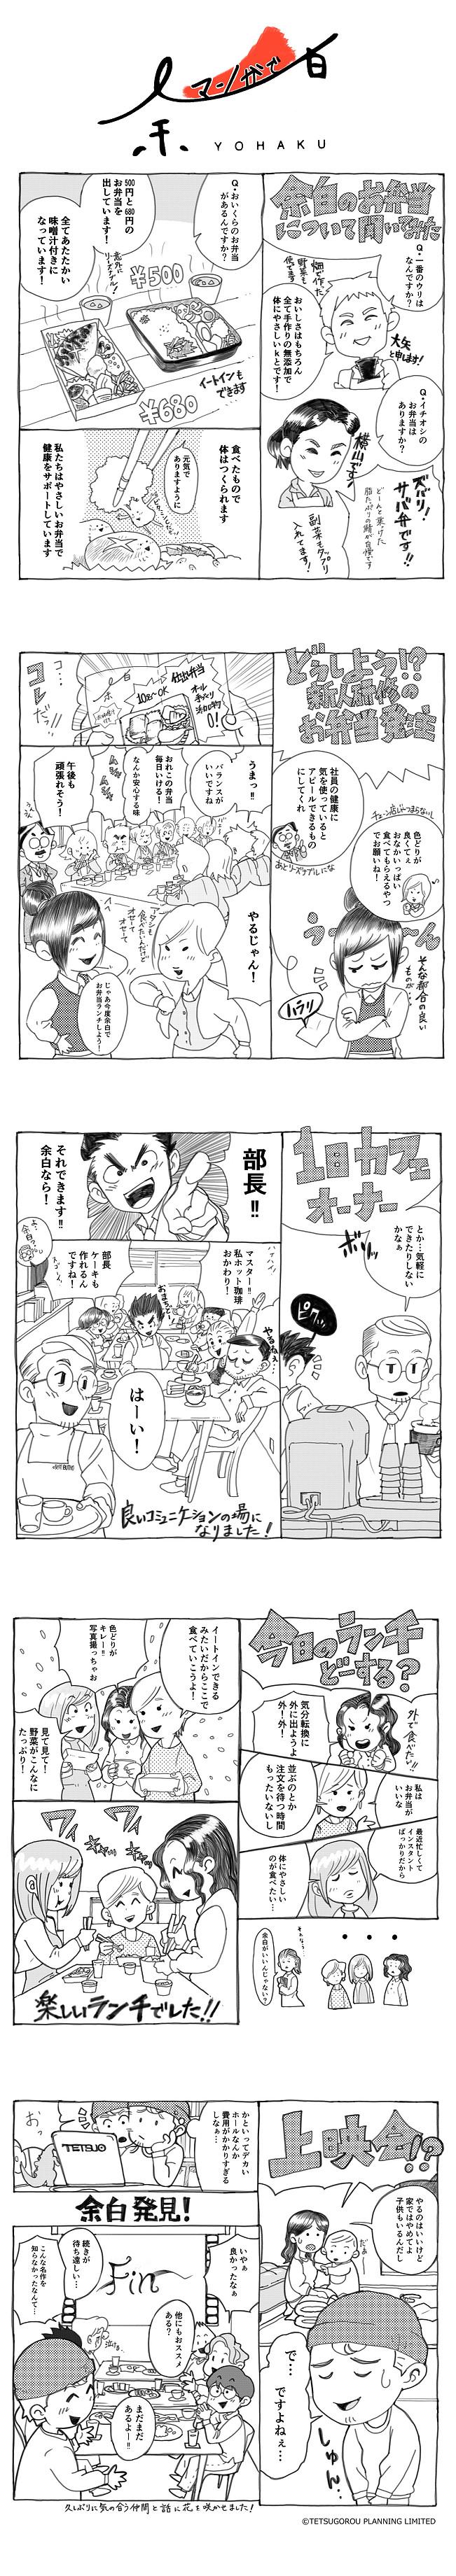 余白漫画統合2.jpg